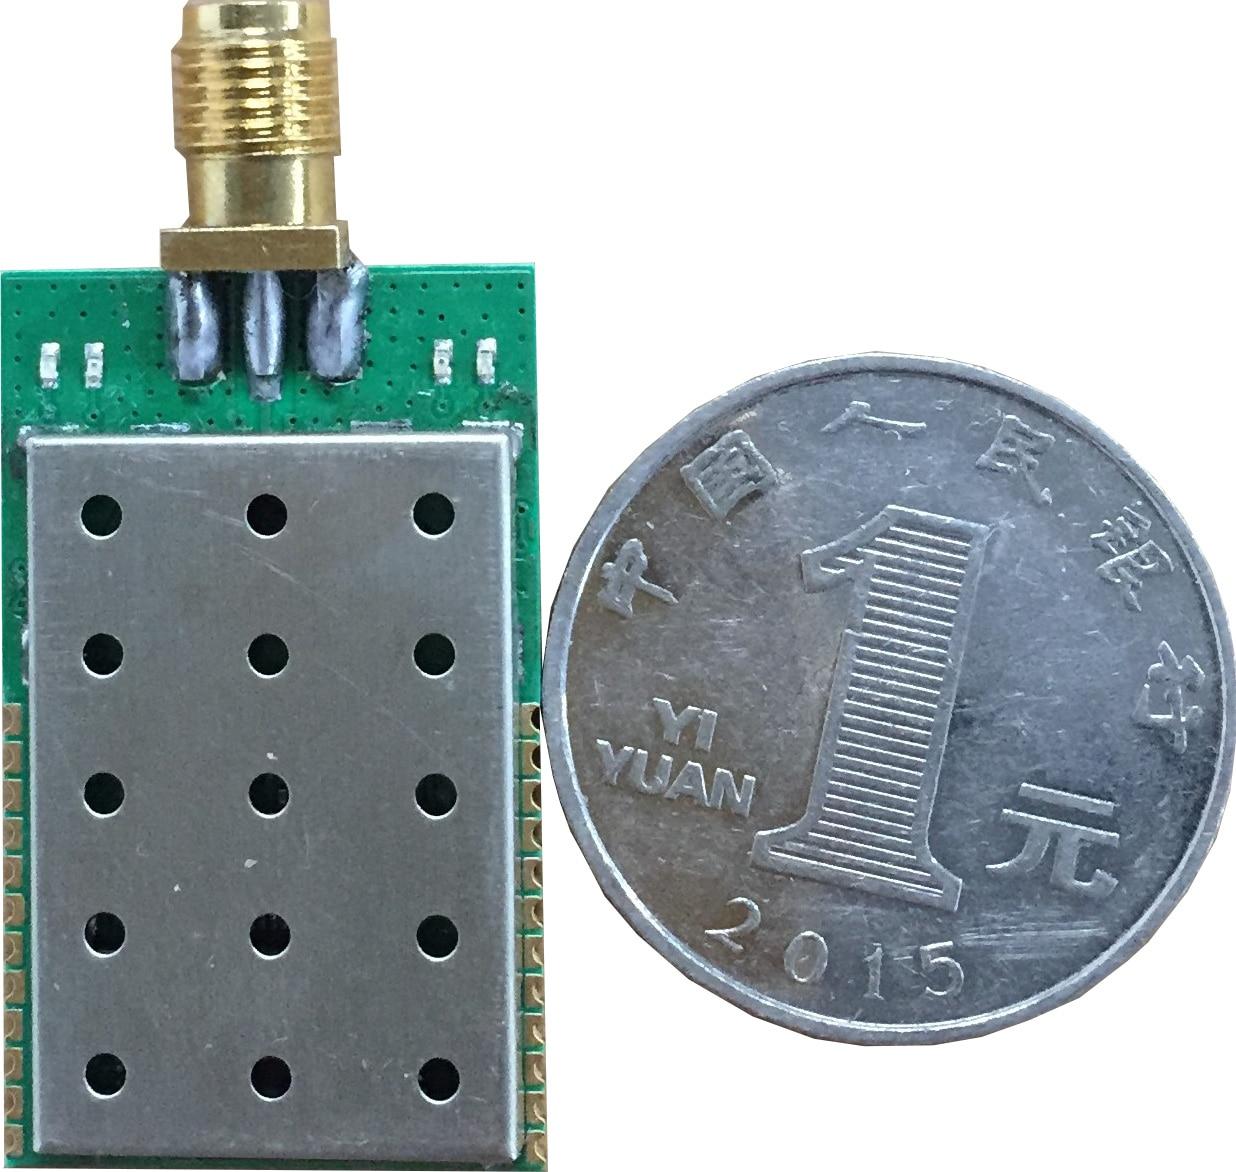 DWPA 800 м высокомощный дальний UWB модуль для внутреннего позиционирования ультра-широкополосное позиционирование 10 см точность 0.5ppm